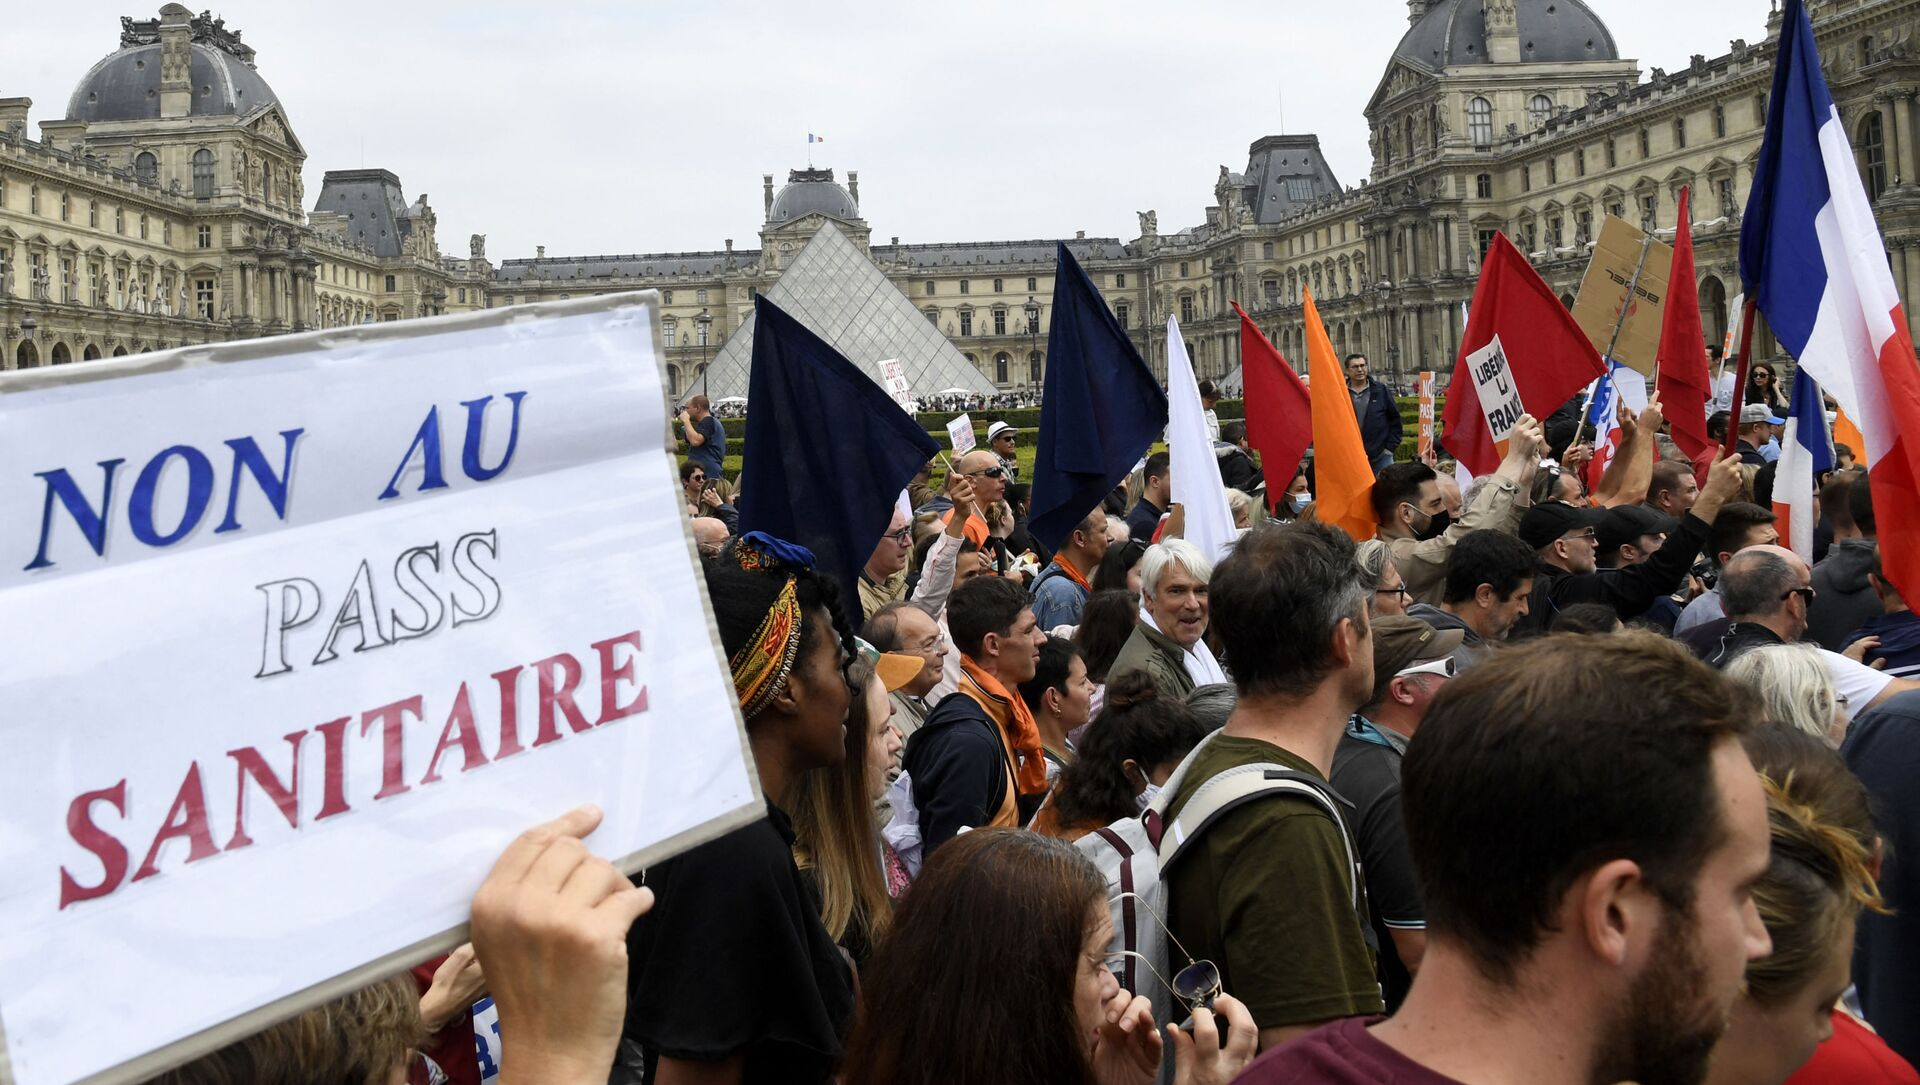 L'ancien présentateur Richard Boutry, passé par France Soir, est une figure de proue des «covido-sceptiques». Également présent à la grande manifestation de samedi, il a déjà commencé à faire le tri. Au cours du lancement du média LaUneTv dimanche soir, il a annoncé que la chaîne «ne servira la soupe à personne et encore moins à nos politiques, qui nous ont tous trahis». Une critique en règle à l'encontre de Florian Philippot, qui était à l'origine de la manifestation parisienne, et de Nicolas Dupont-Aignan, lui aussi apparu en tête de cortège samedi dernier. - Sputnik France, 1920, 19.07.2021